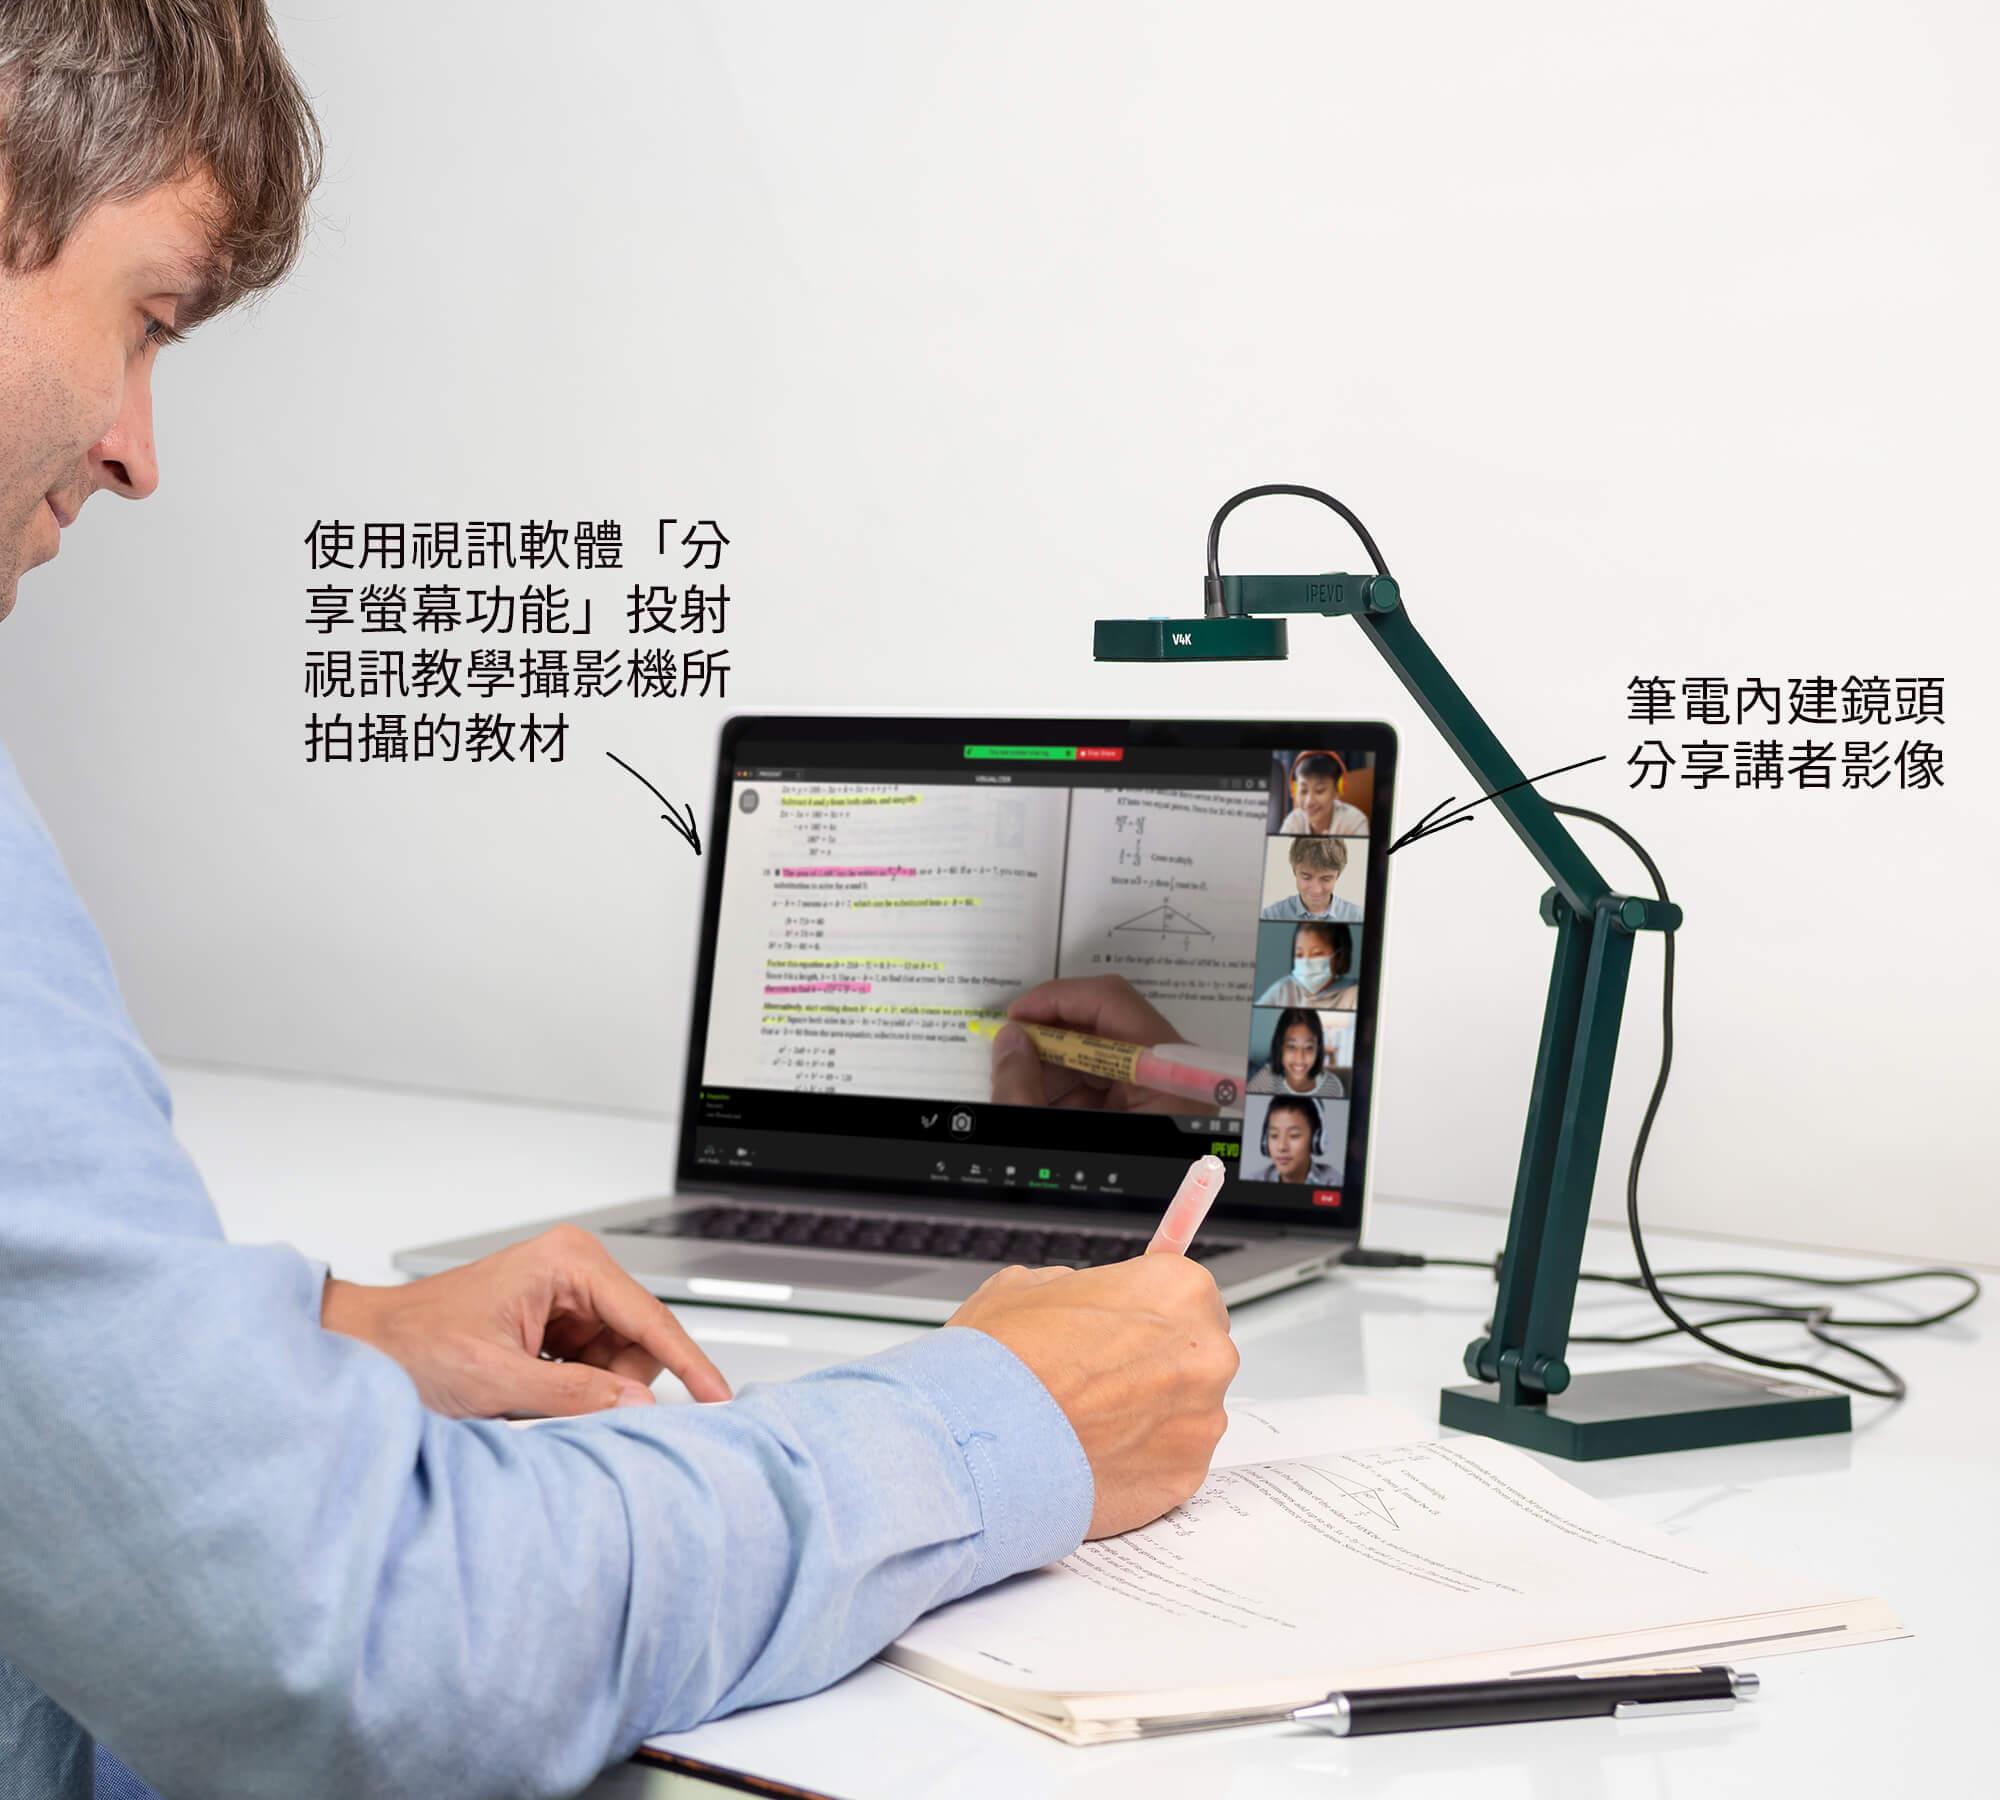 筆電內建鏡頭分享講者影像,與使用視訊軟體「分享螢幕功能」投射視訊教學攝影機所拍攝的教材